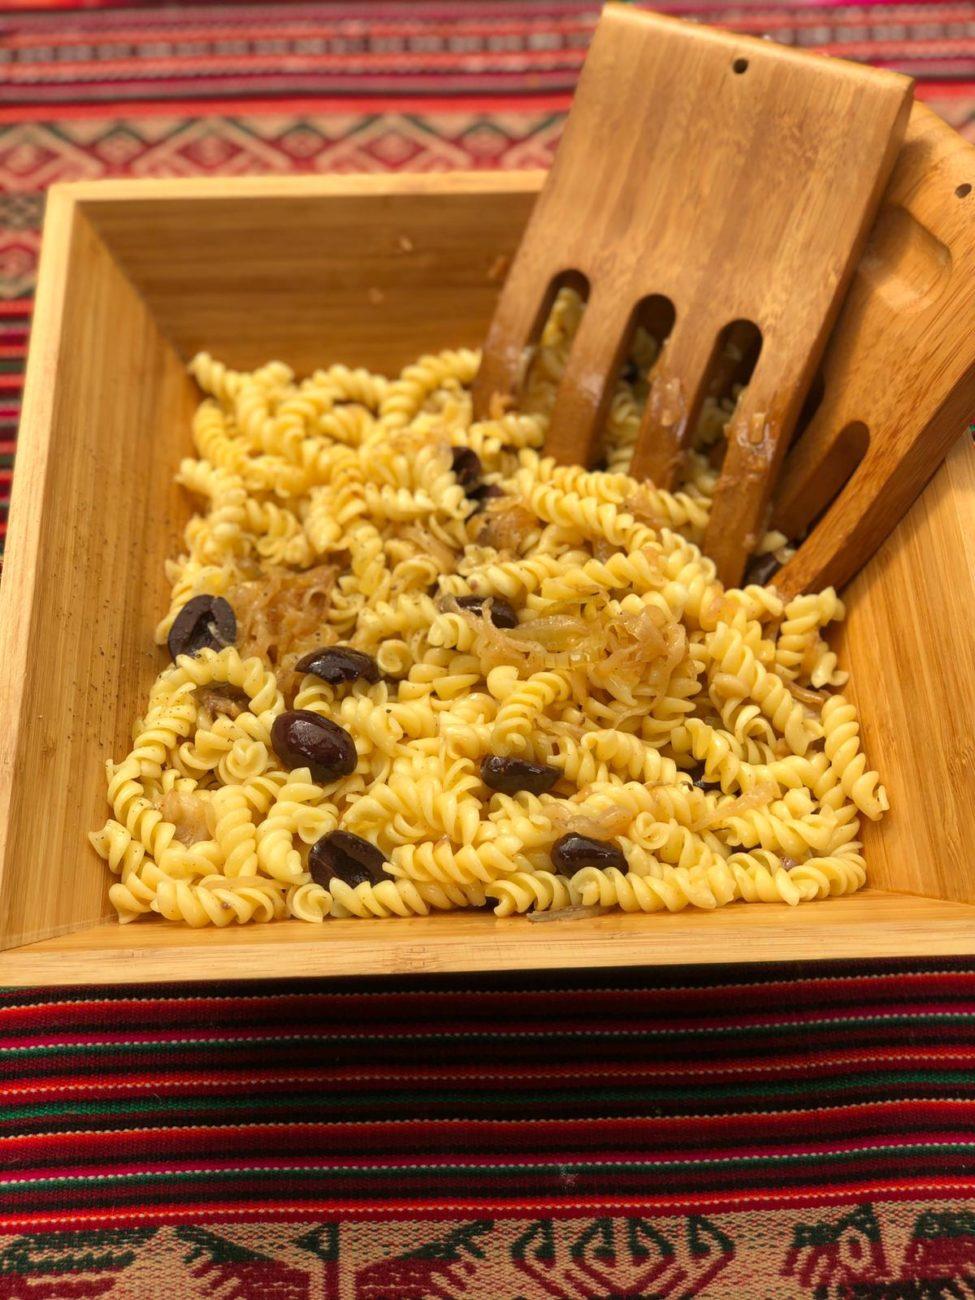 Pasta con cebolla caramelizada, olivas y anchoas